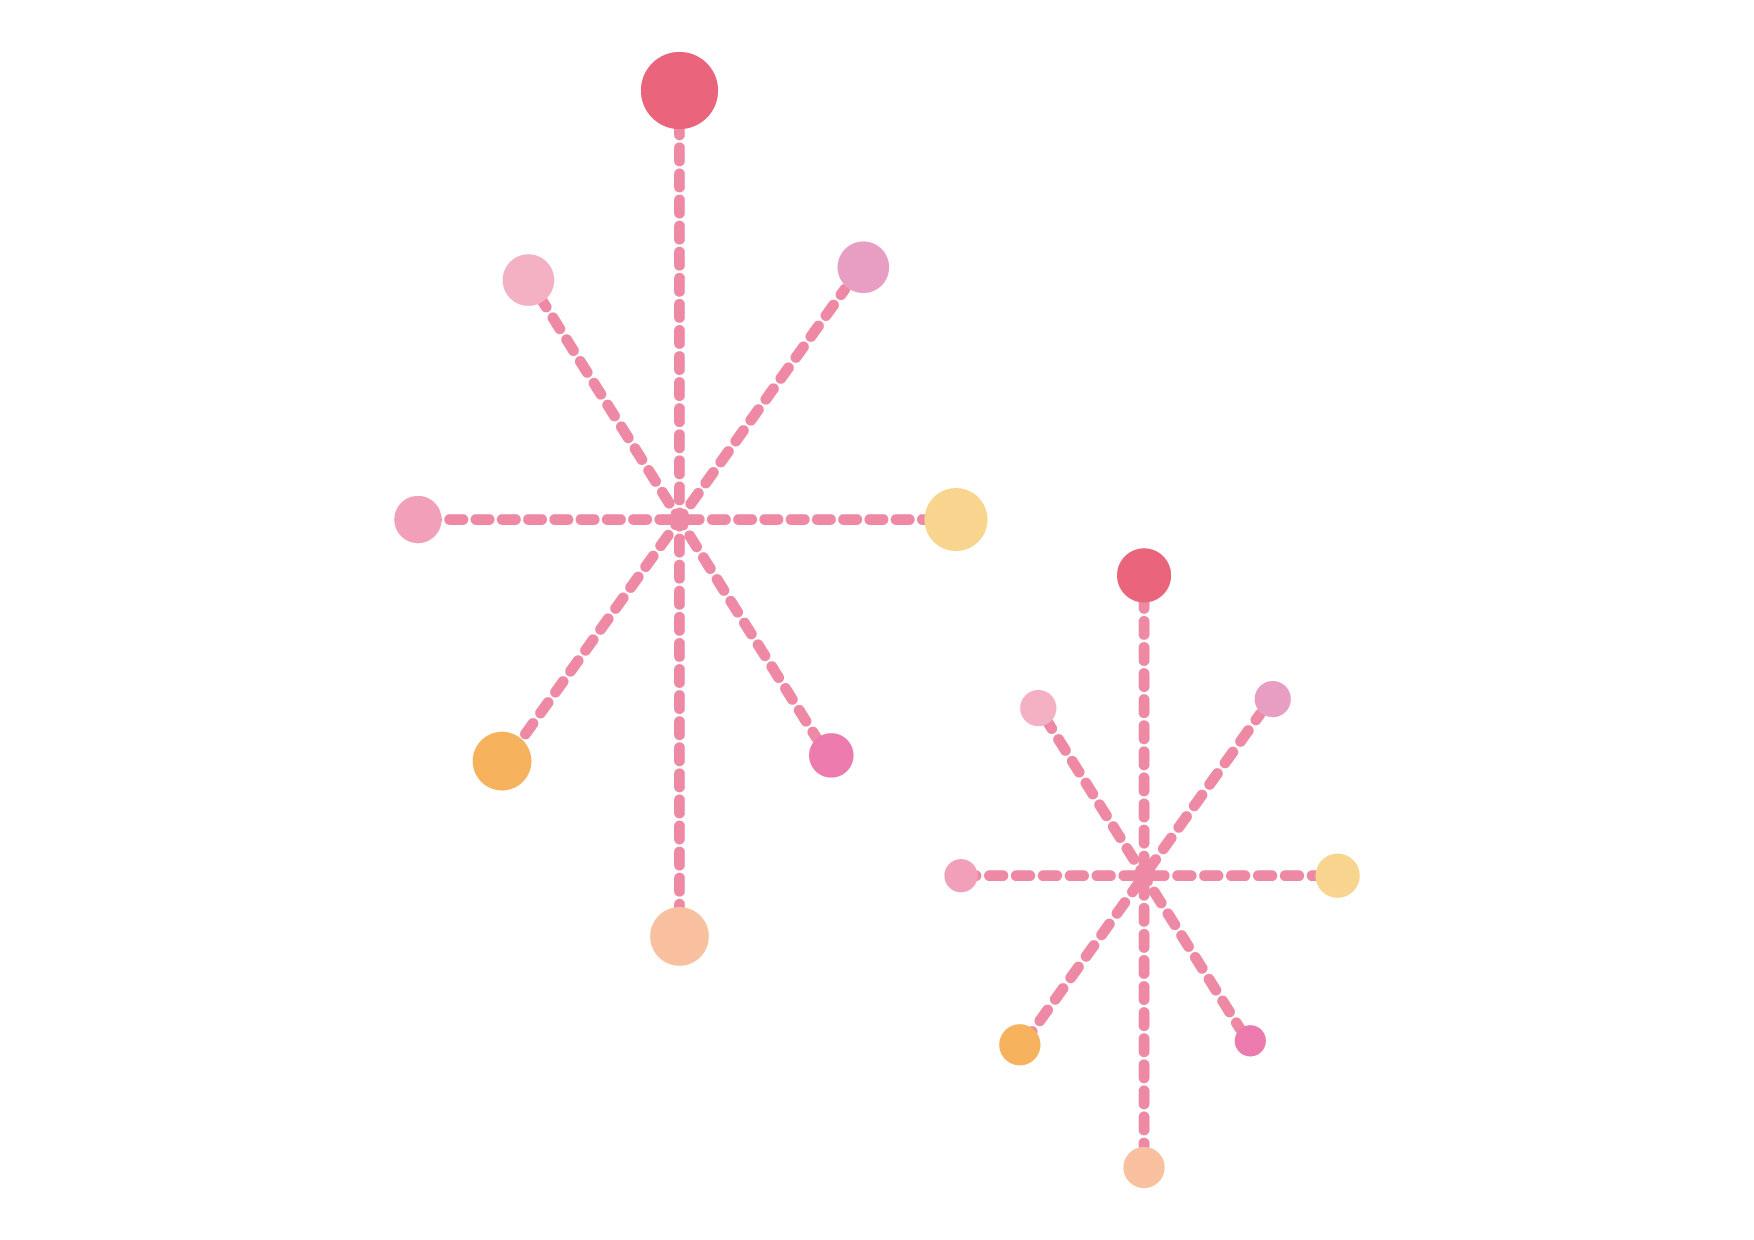 可愛いイラスト|毛糸 キラキラ 光 ピンク − free illustration n Yarn glitter light pink